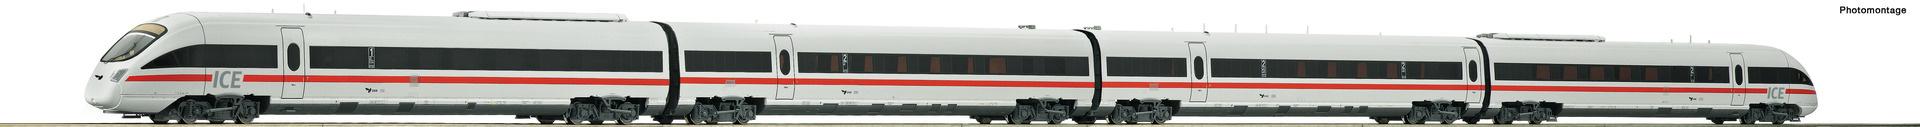 72105 Dieseltriebzug BR 605 DSB-1